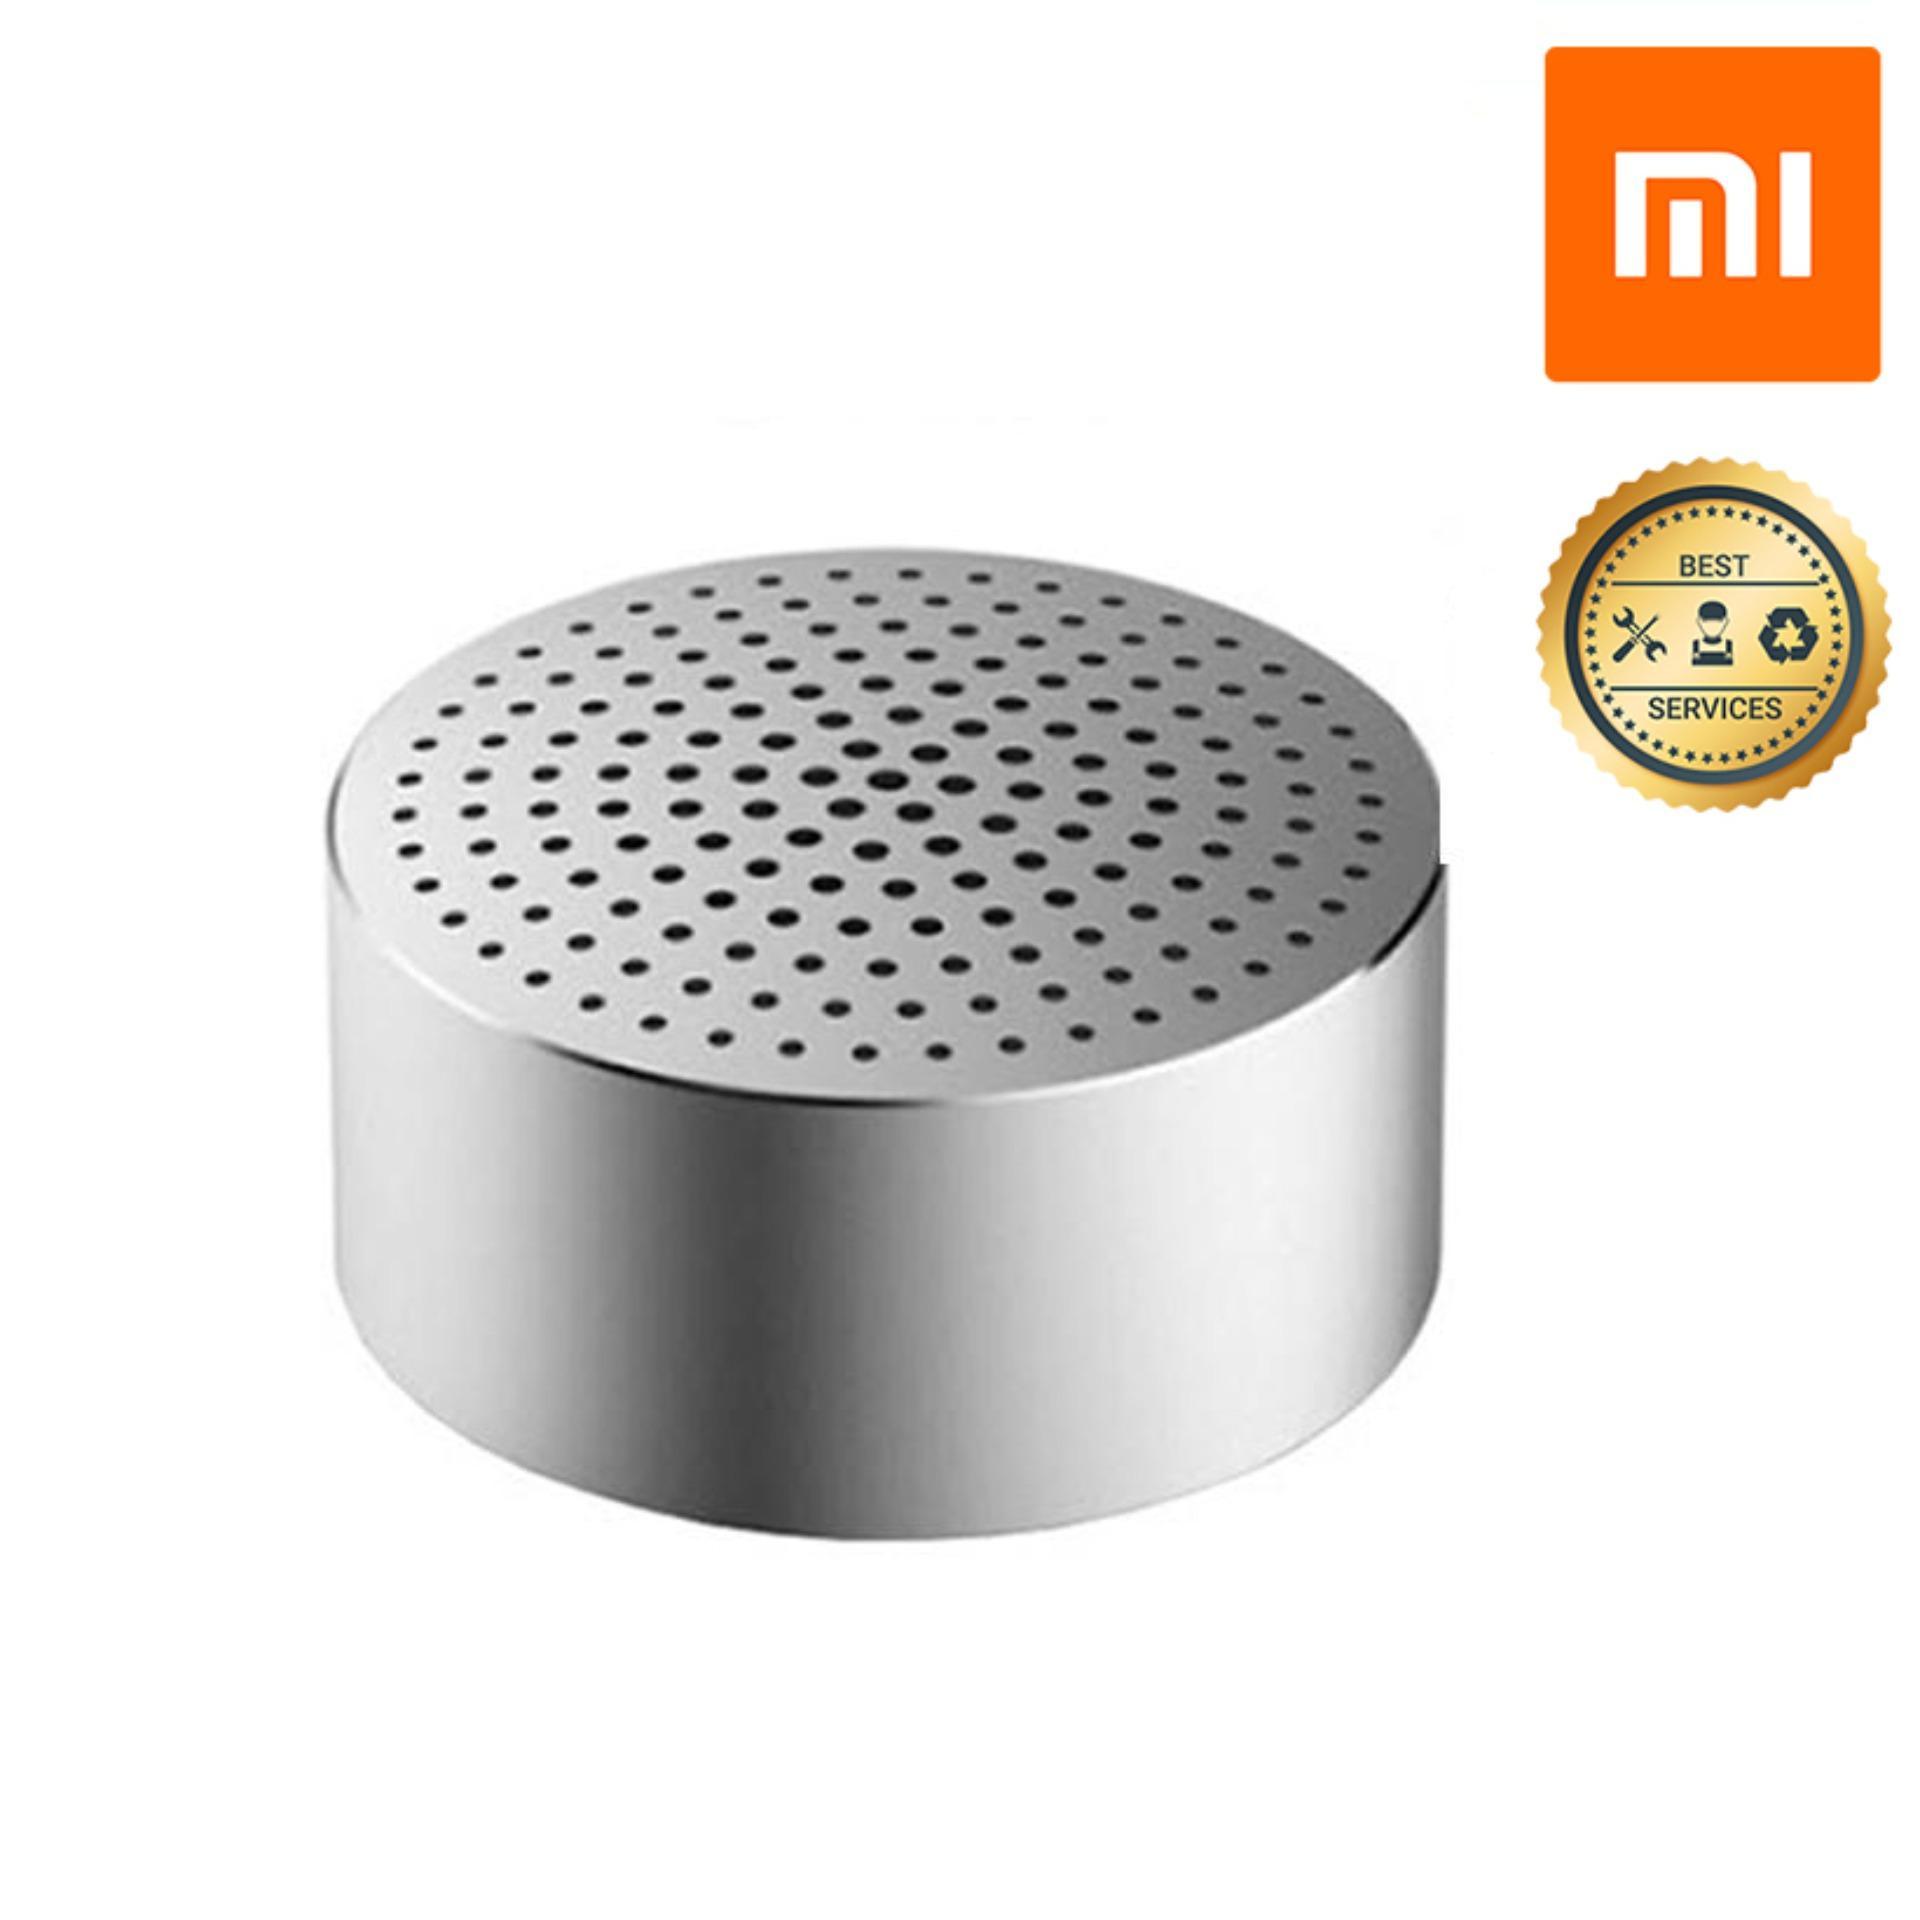 Loa nghe nhạc Bluetooth Xiaomi Mini công nghệ khử tạp âm CVC6.0 (Kim loại Bạc nguyên khối) Tích hợp Mic...